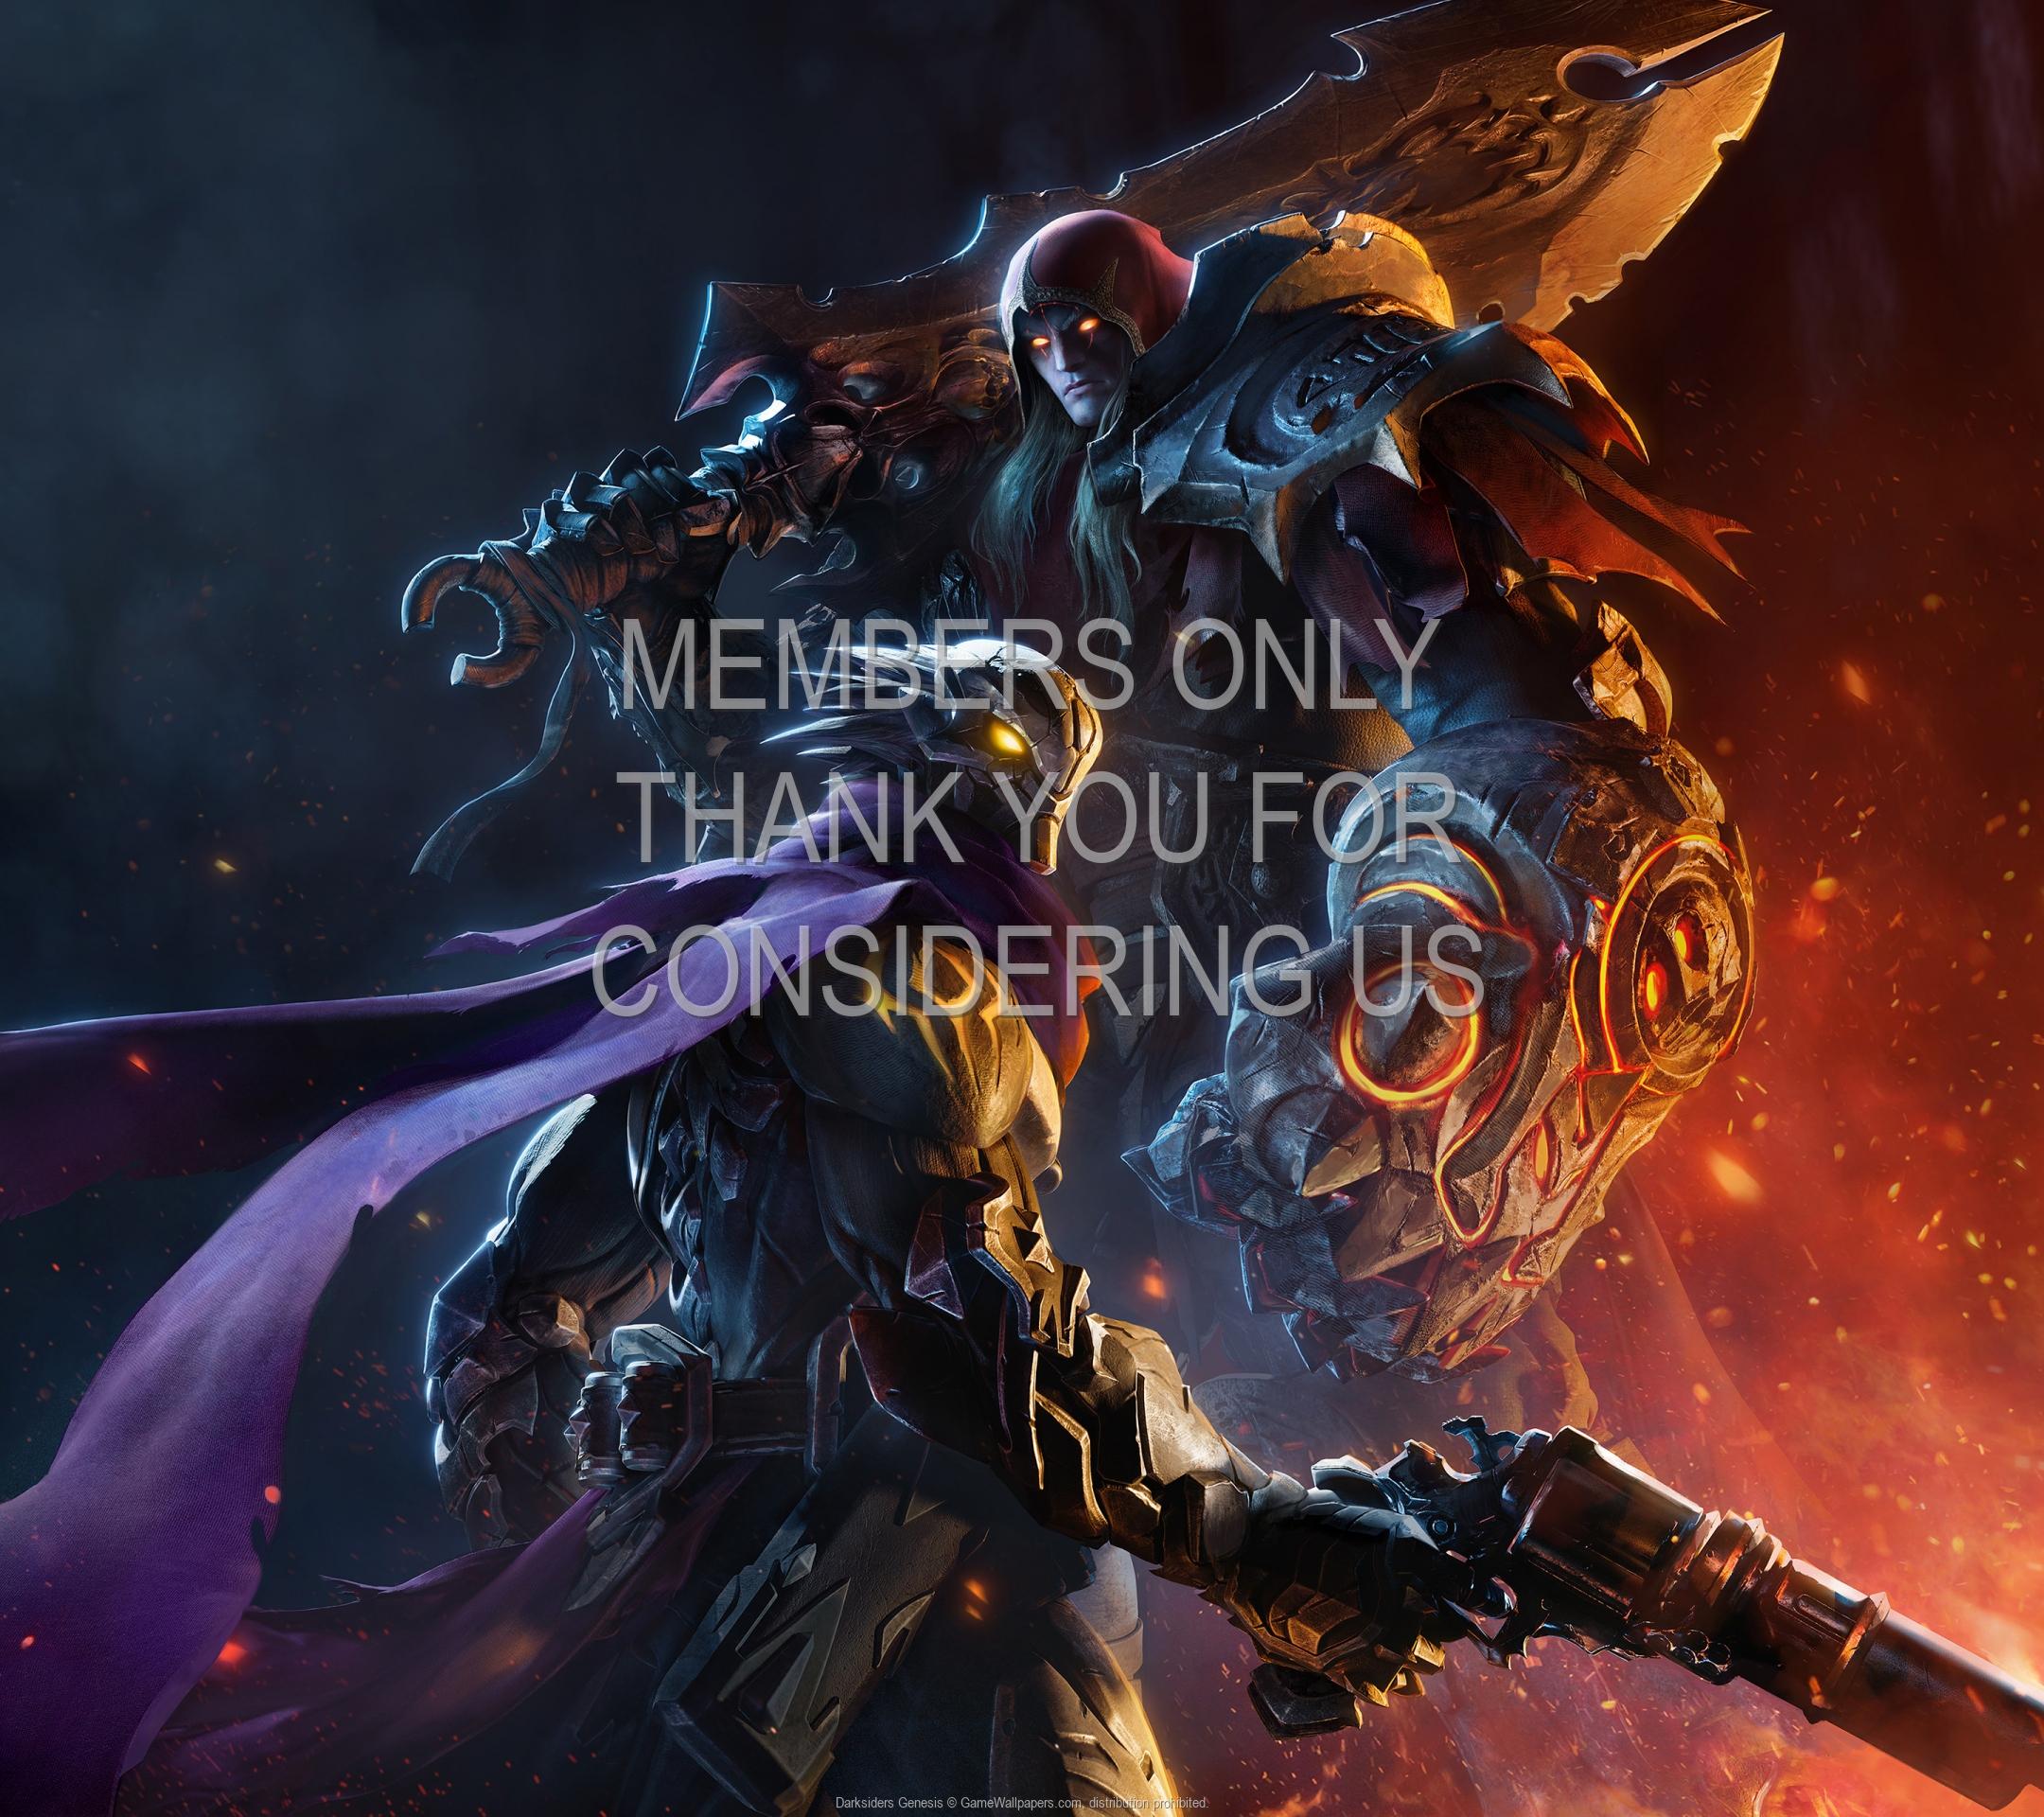 Darksiders: Genesis 1920x1080 Mobile wallpaper or background 01